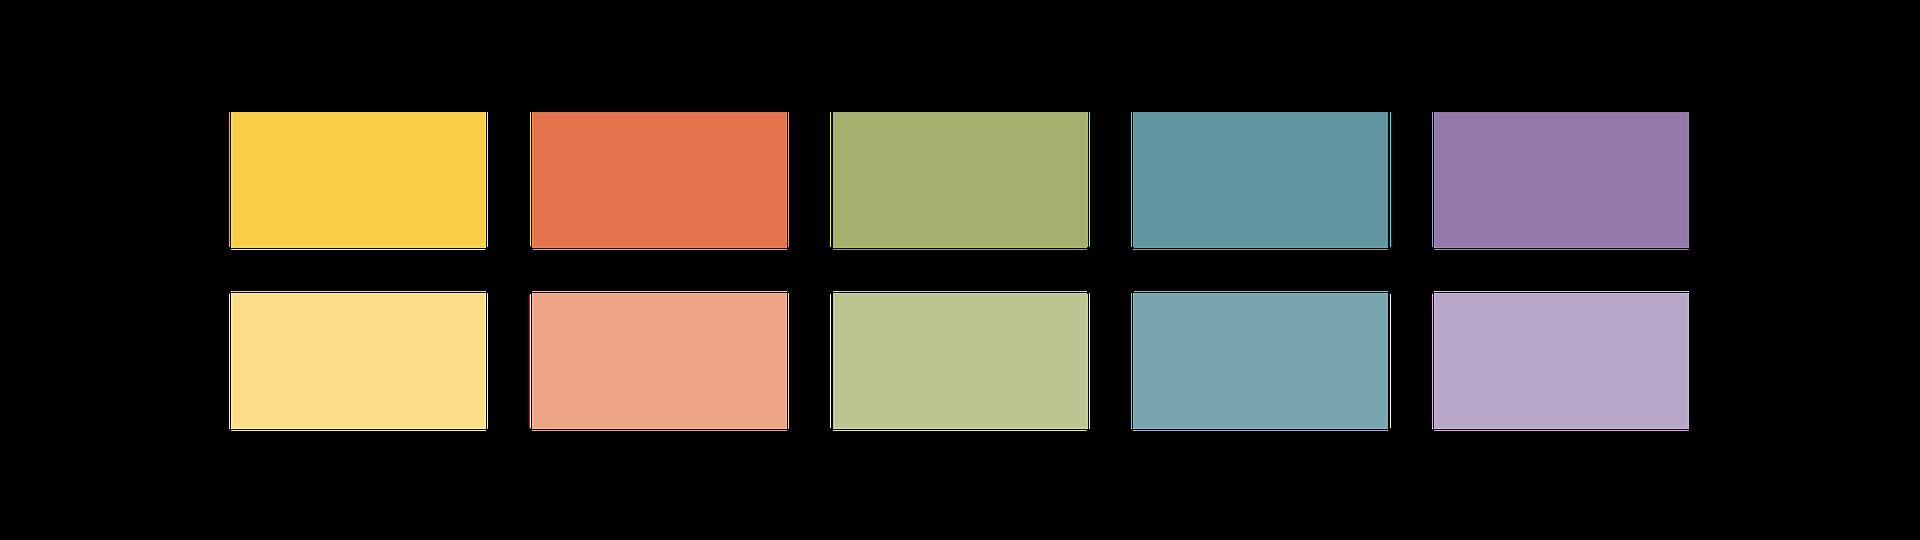 Imago Imaging color palette